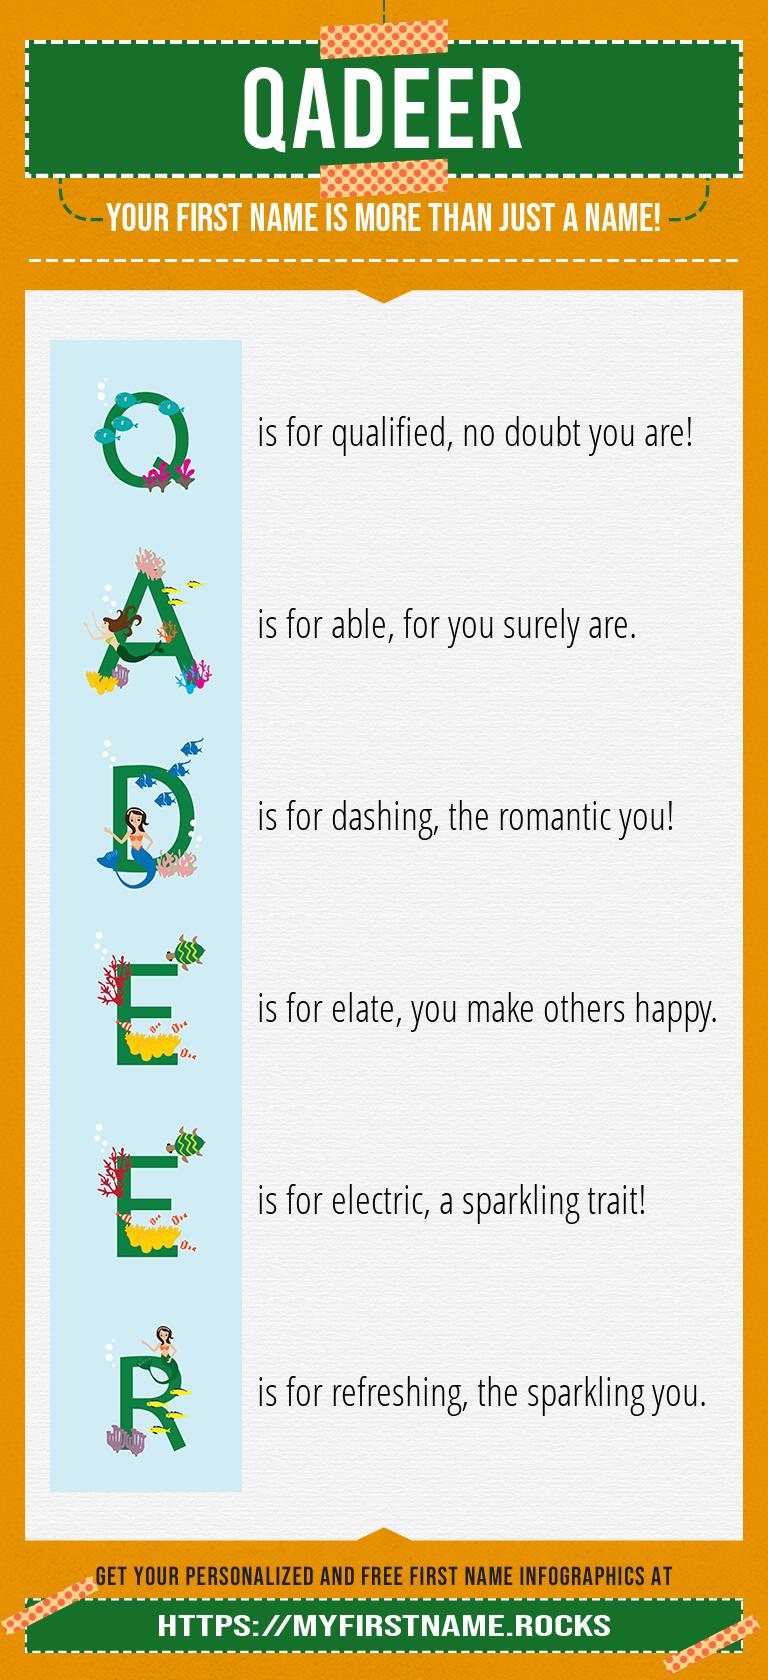 Qadeer Infographics